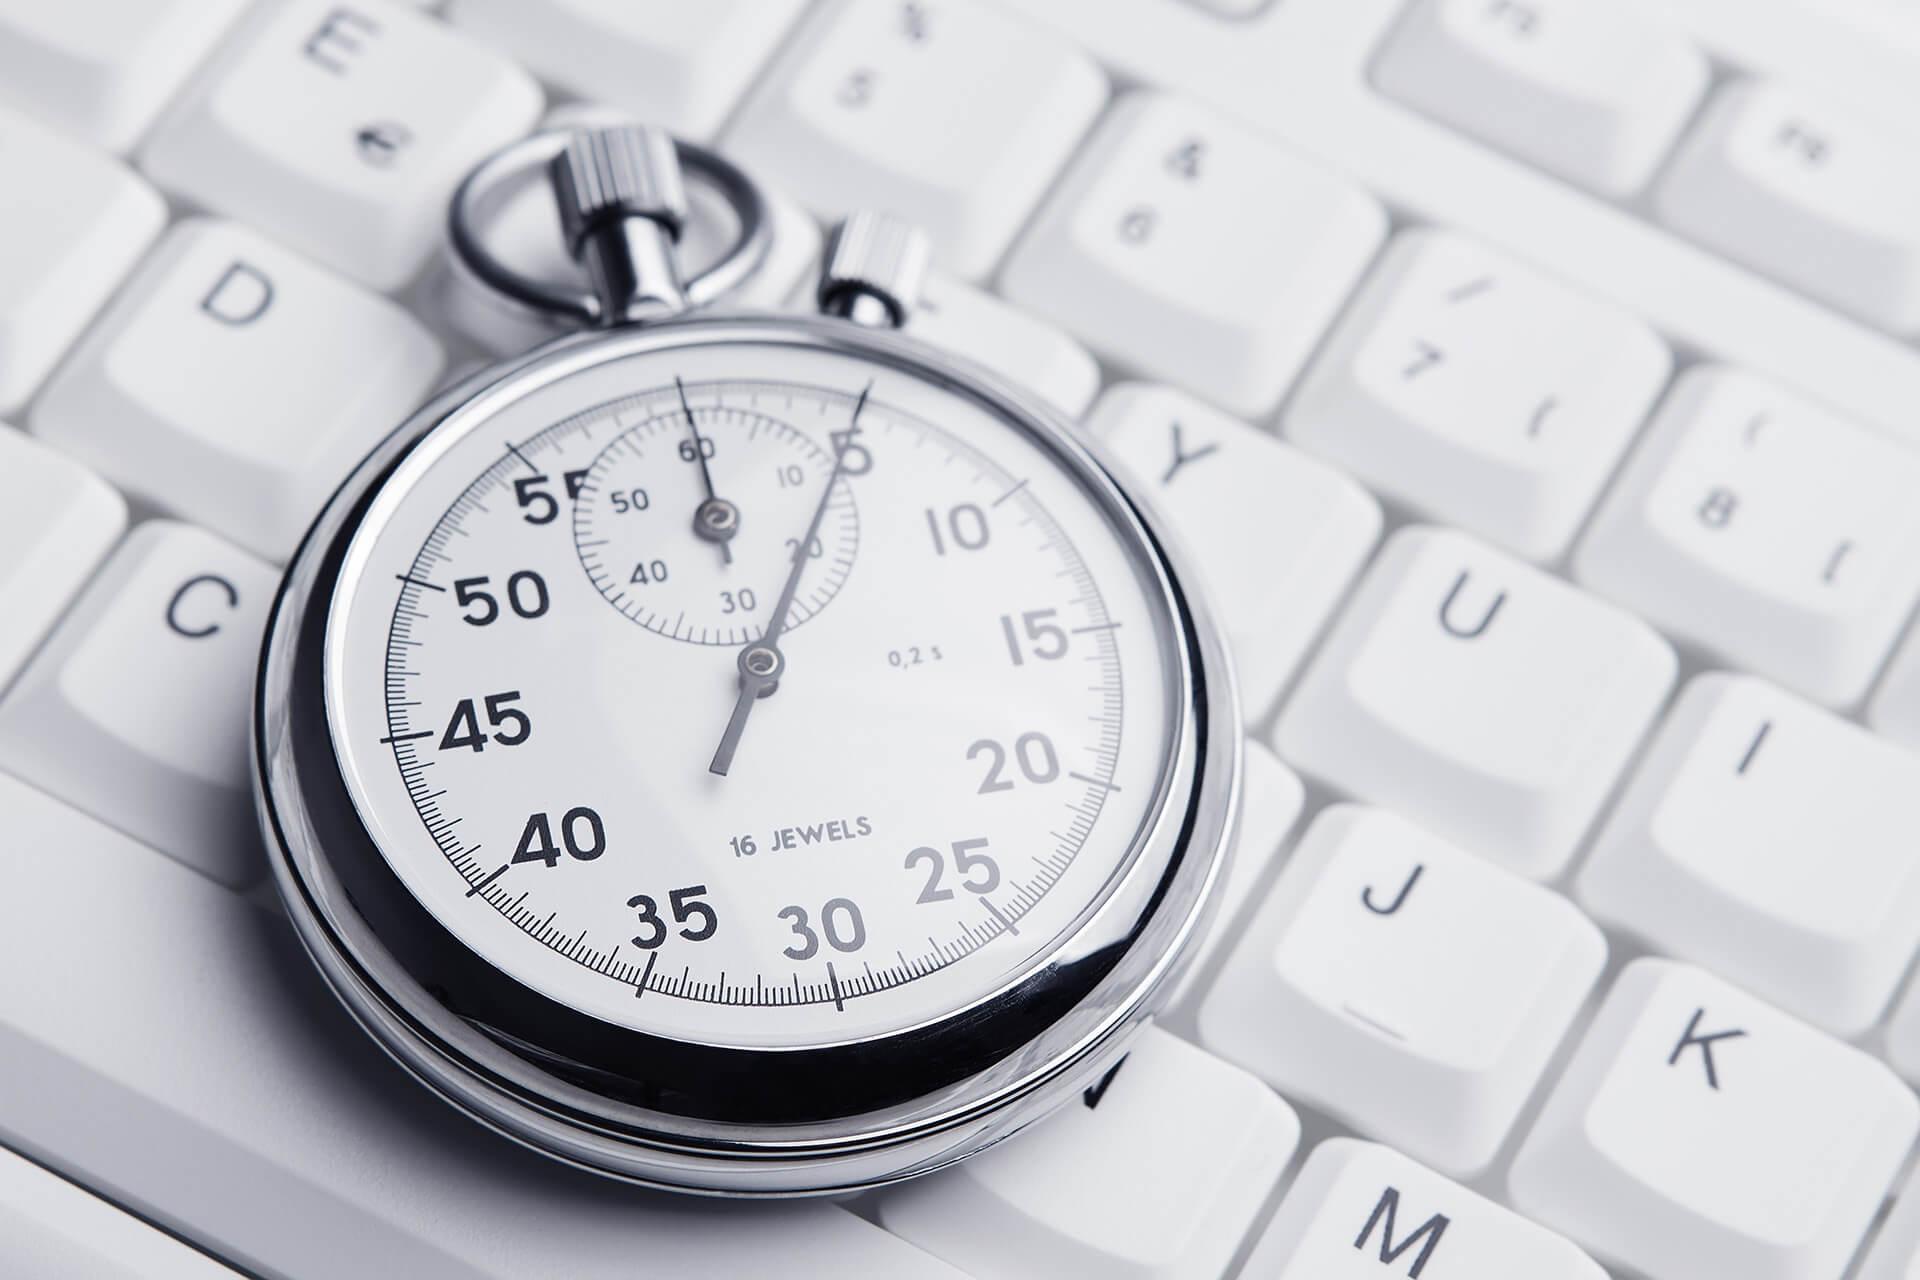 Stopwatch on keyboard